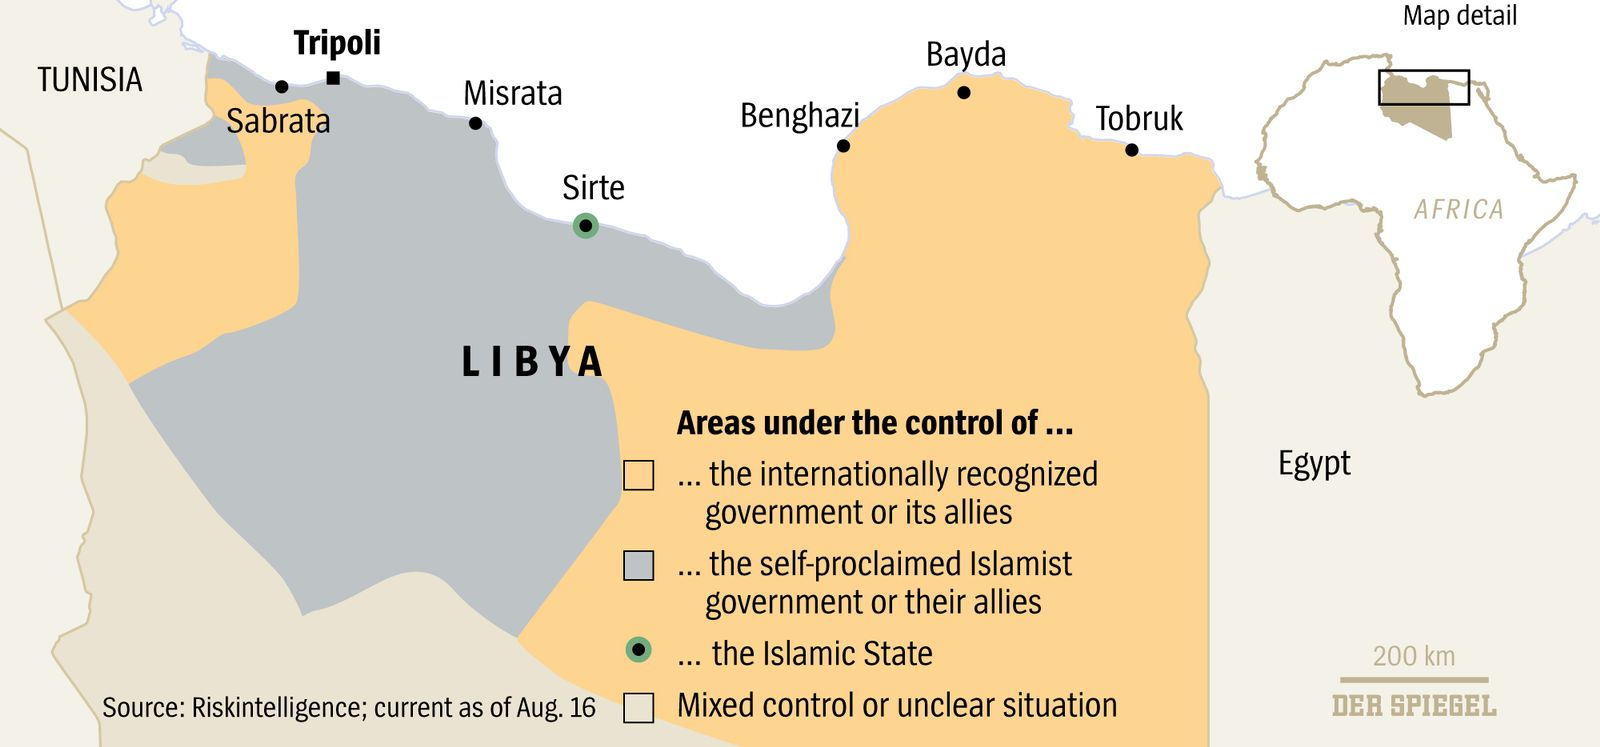 DER SPIEGEL Seite 80 / 34/2016 Areas under control of